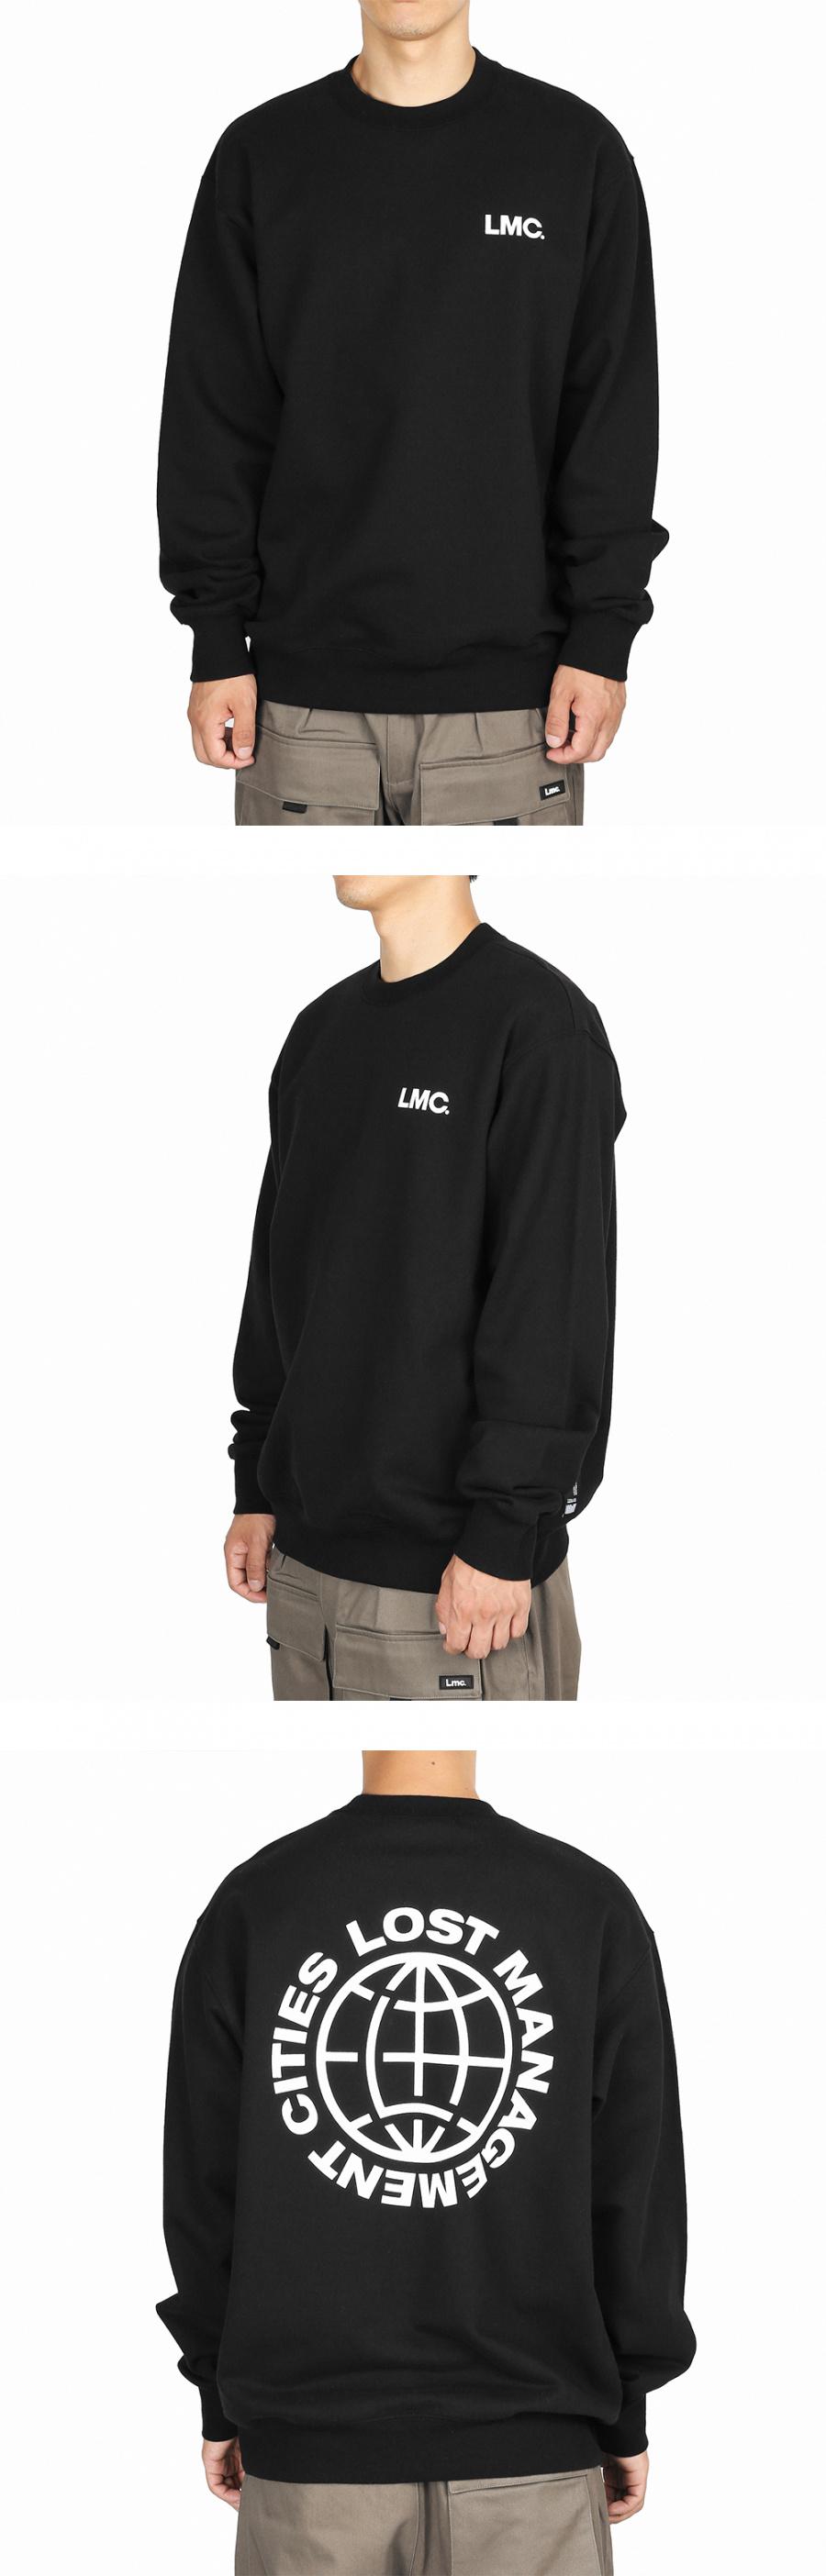 엘엠씨(LMC) LMC WHEEL LOGO SWEATSHIRT black